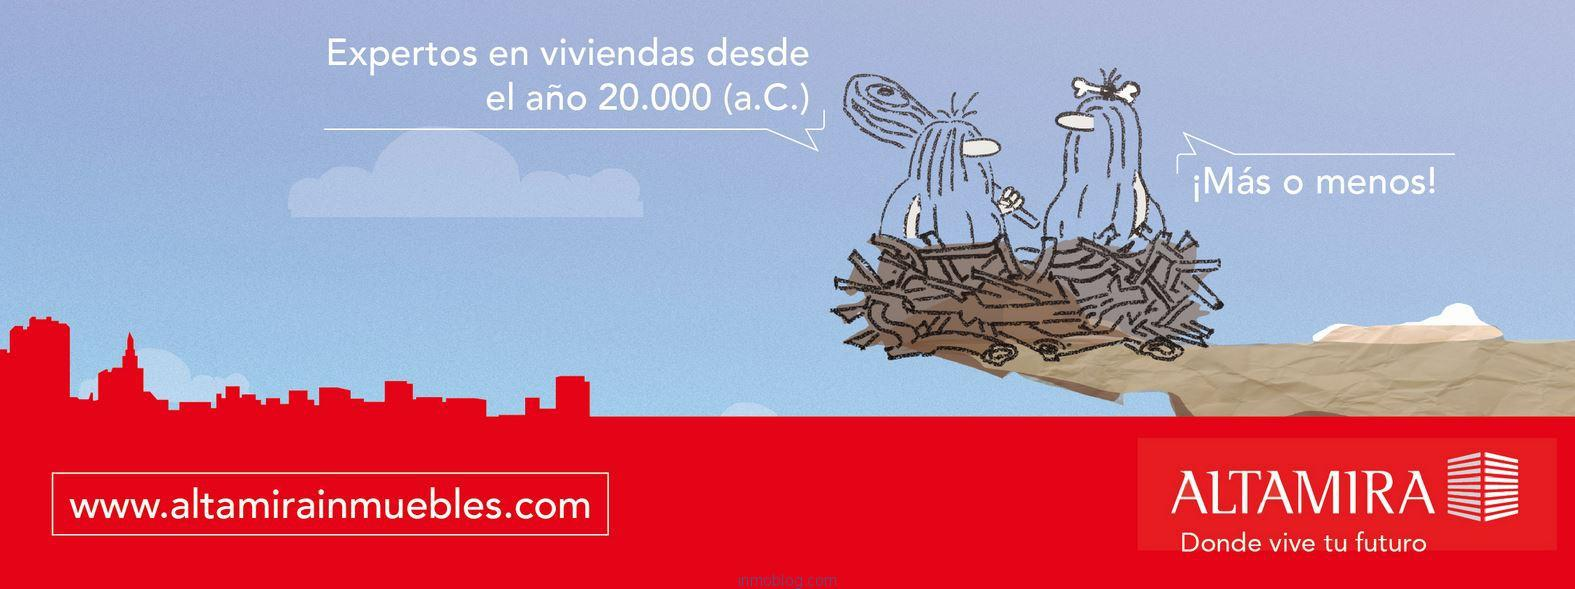 alta-mira-20000